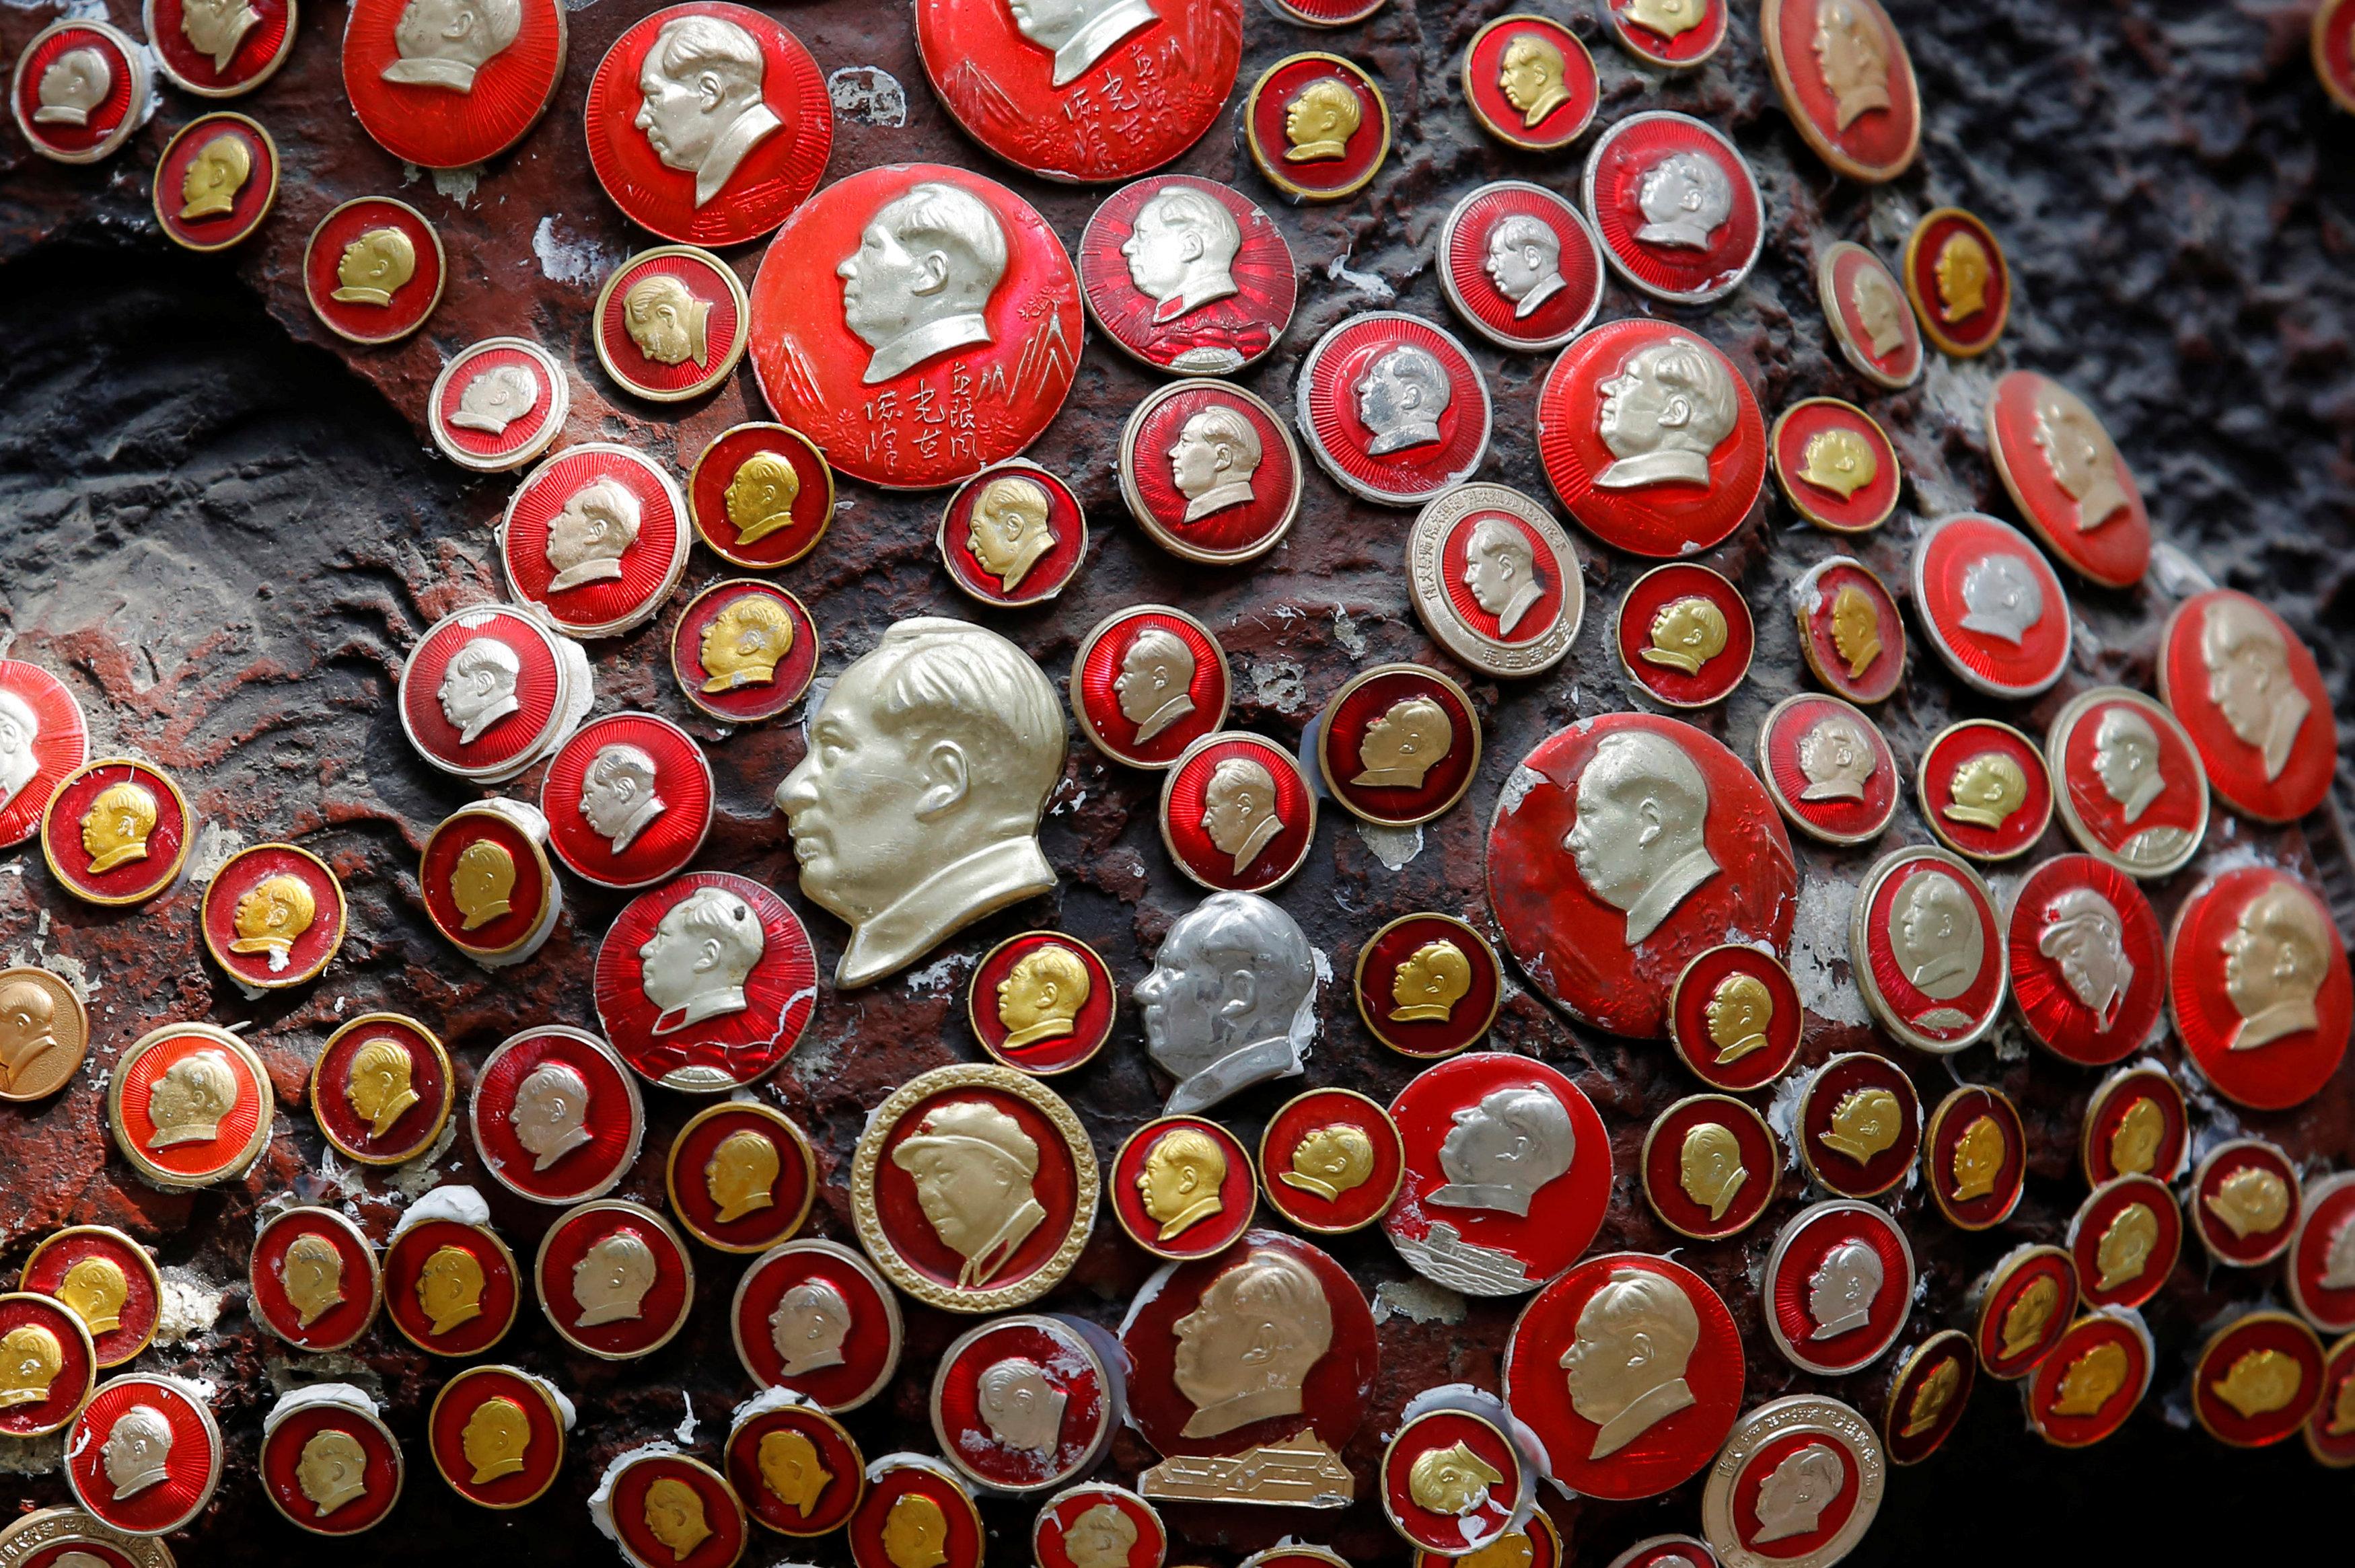 Insignias con la imagen de Mao Tse Tung, el máximo dirigente del Partido Comunista de China